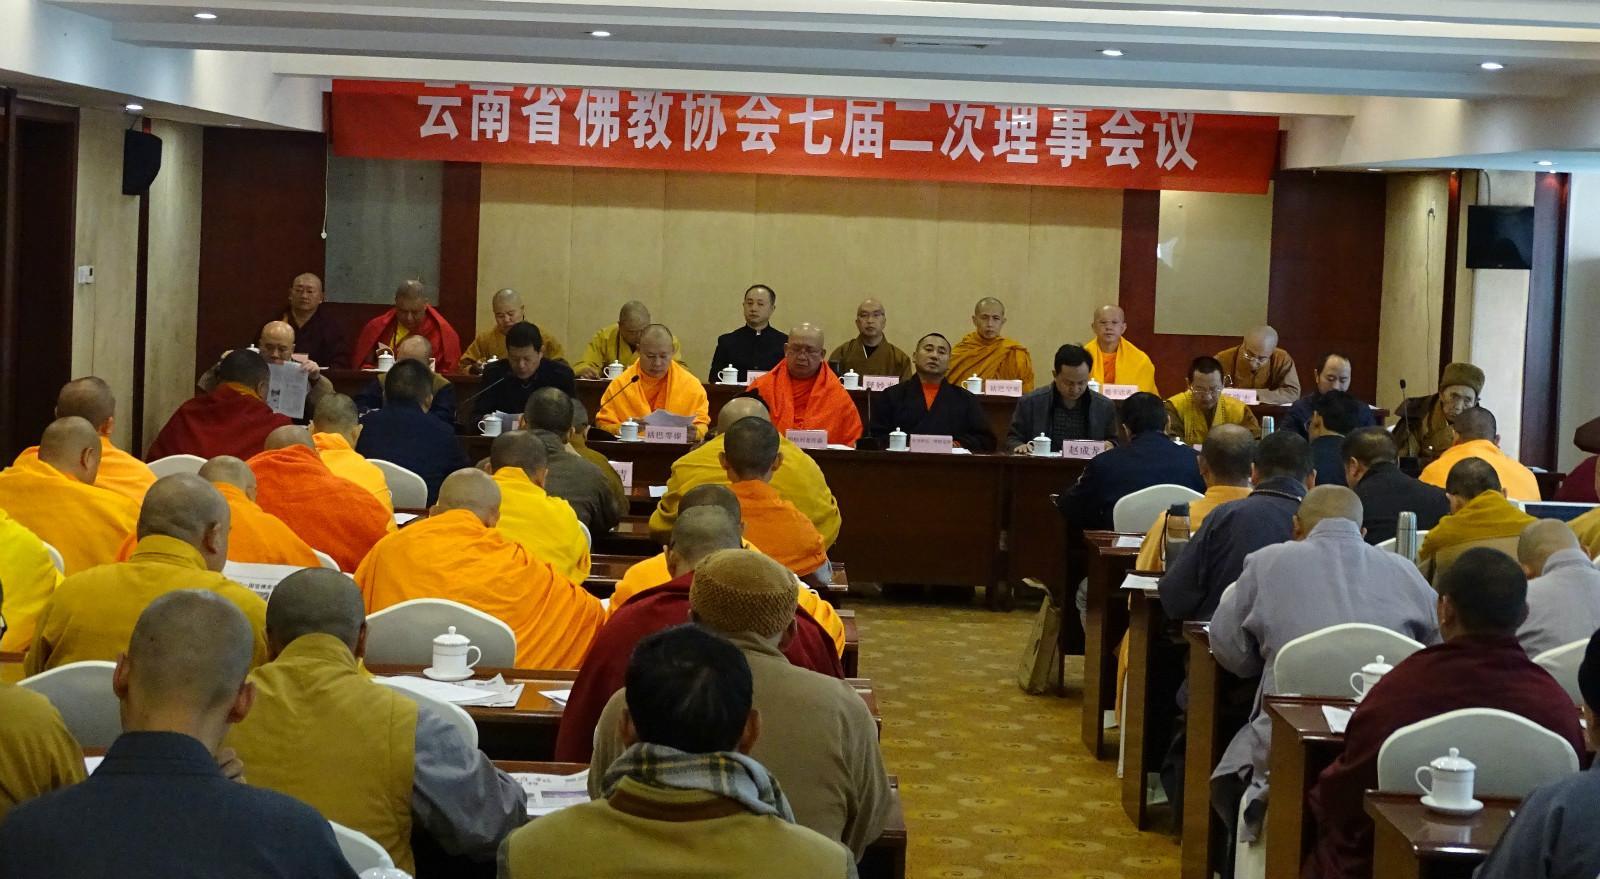 云南省佛教协会七届二次理事会在昆明召开